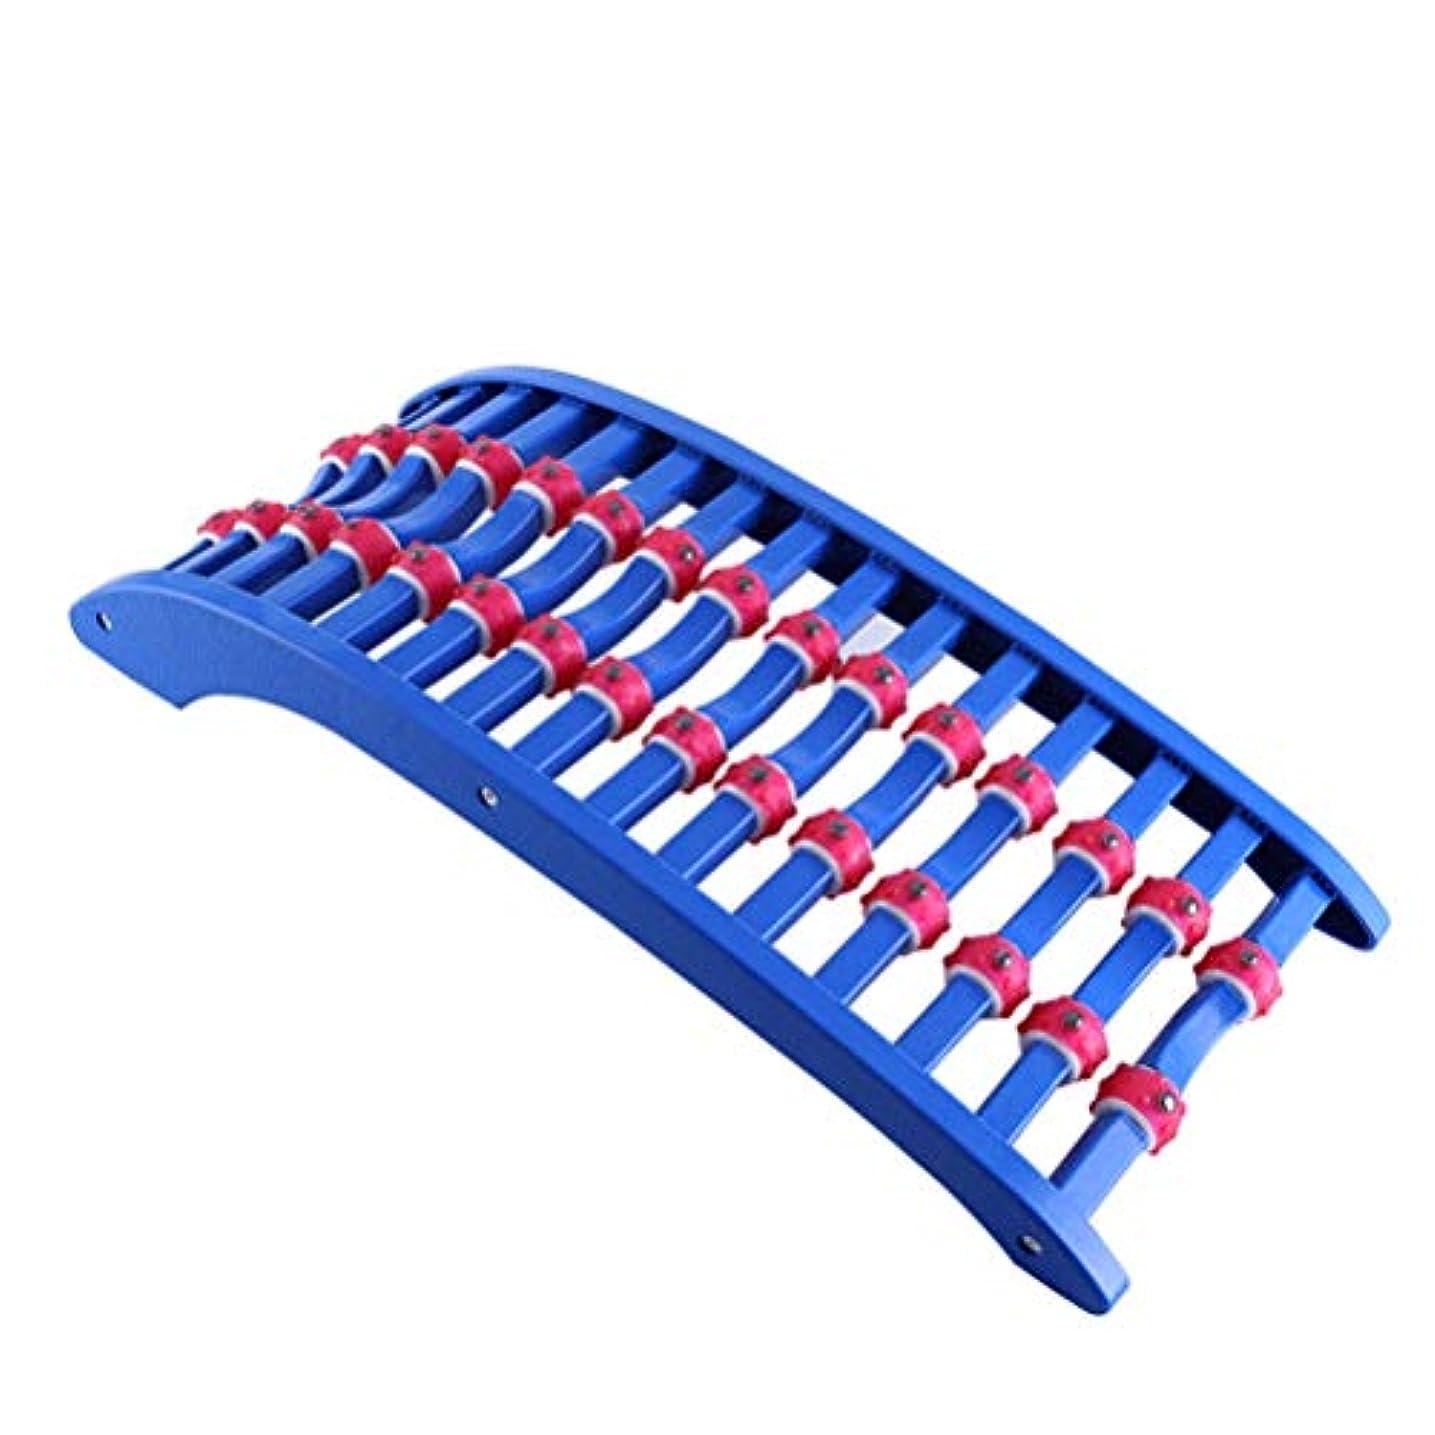 排他的確保する特許バックストレッチャー バックマッサージストレッチメイト整形外科バックストレッチャー 背骨を改善します寝るだけ簡単 ストレッチ